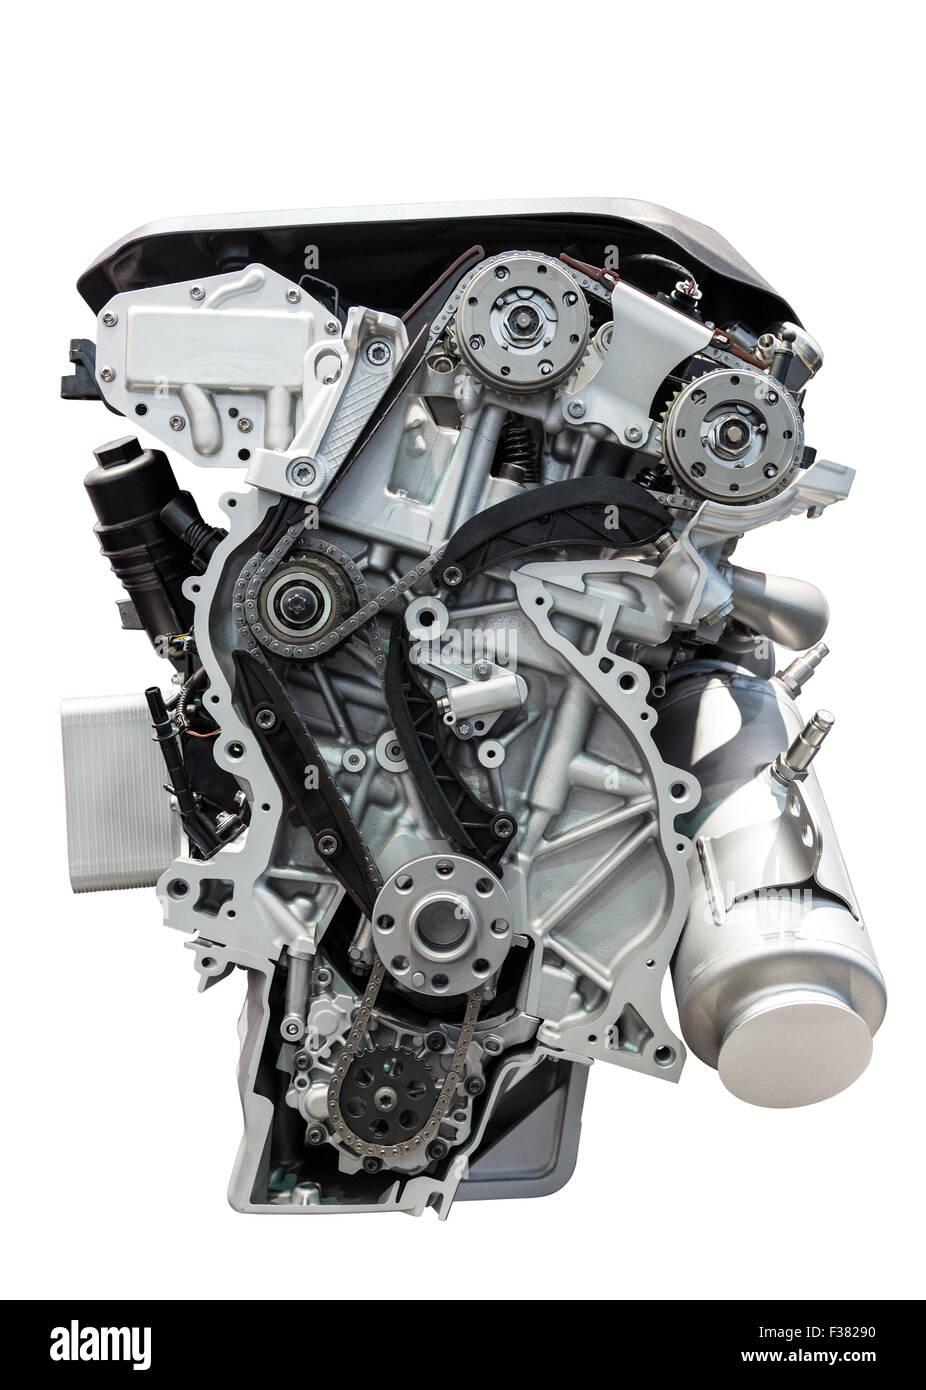 Four cylinder car engine isolated on white background - Stock Image